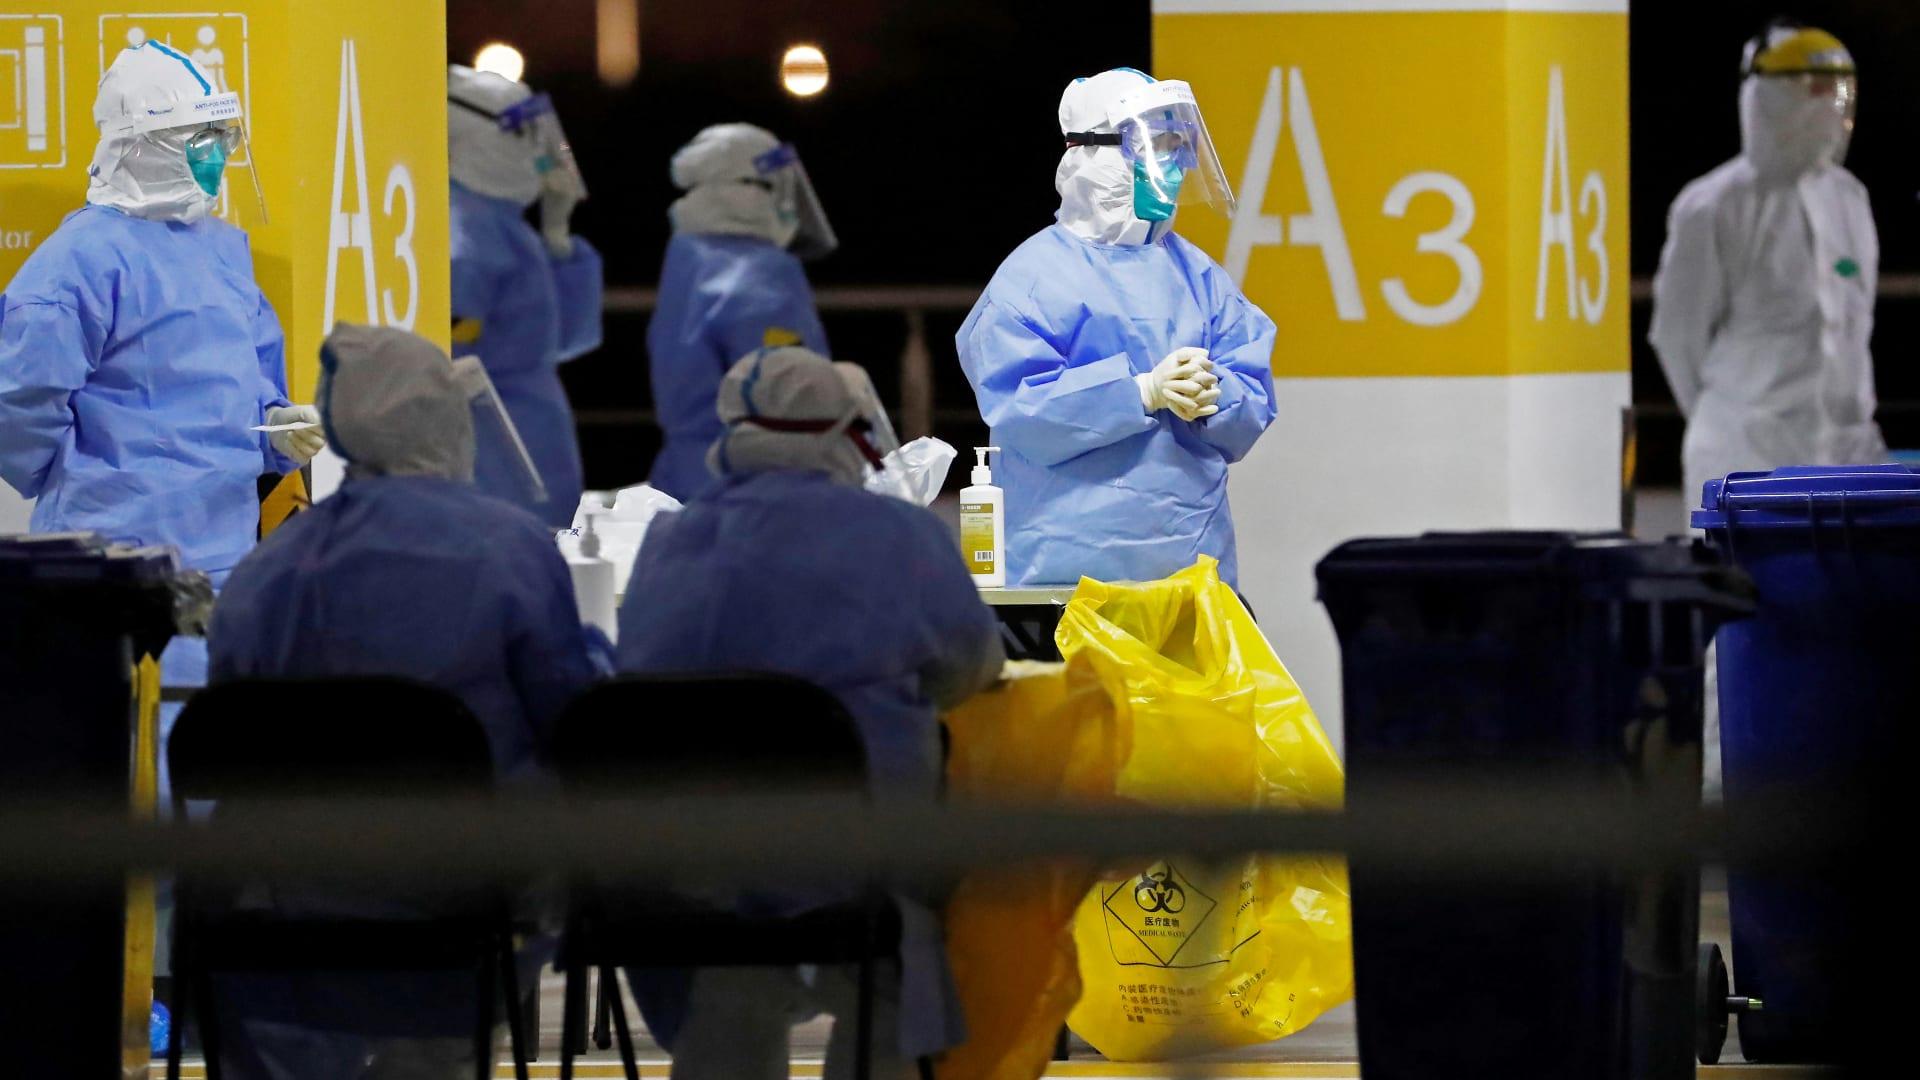 لماذا لا يشعر خبراء اللقاحات بالقلق من السلالة الجديدة لفيروس كورونا؟